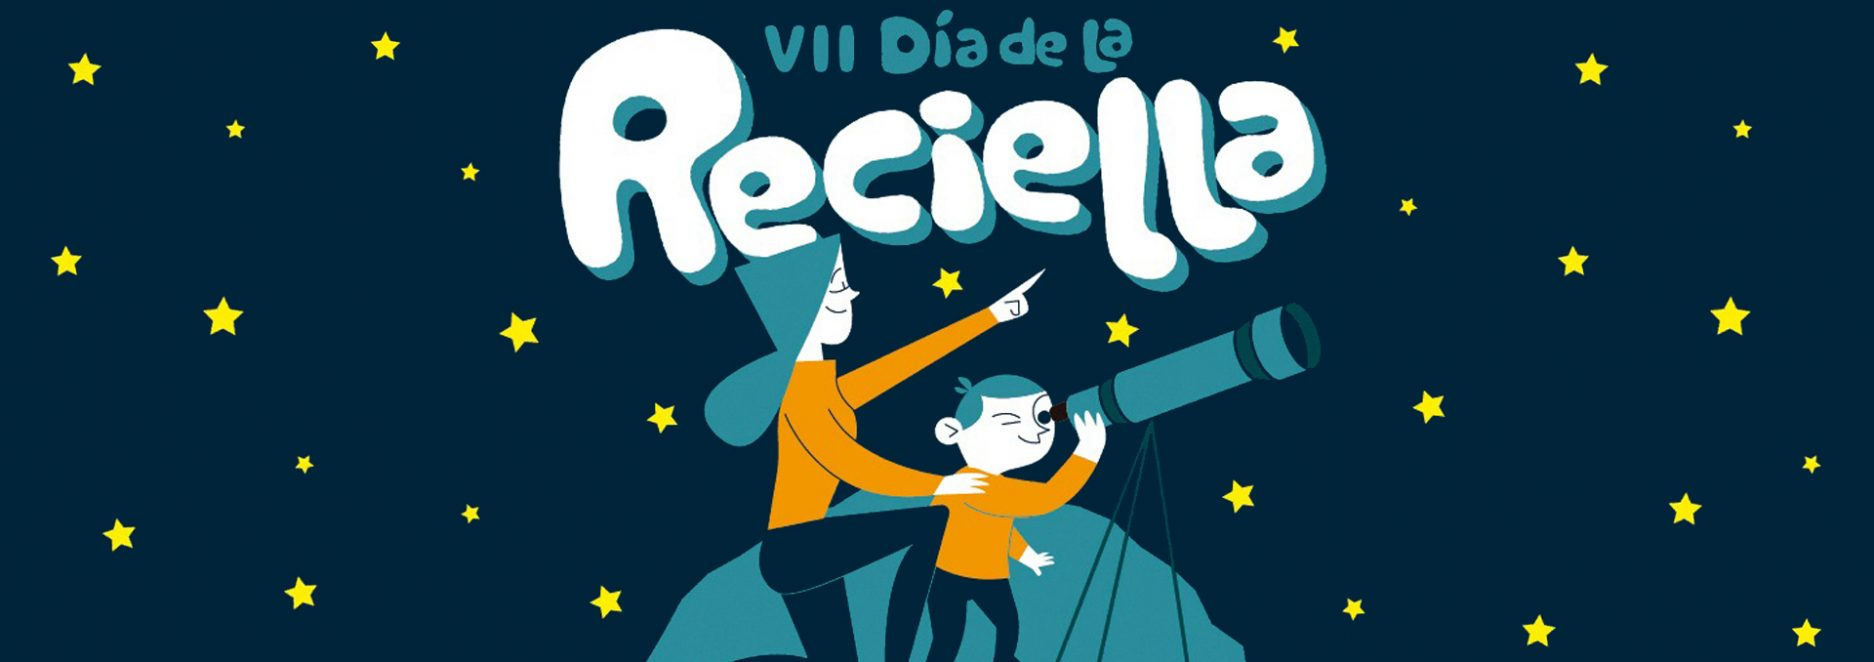 Reciella-2019